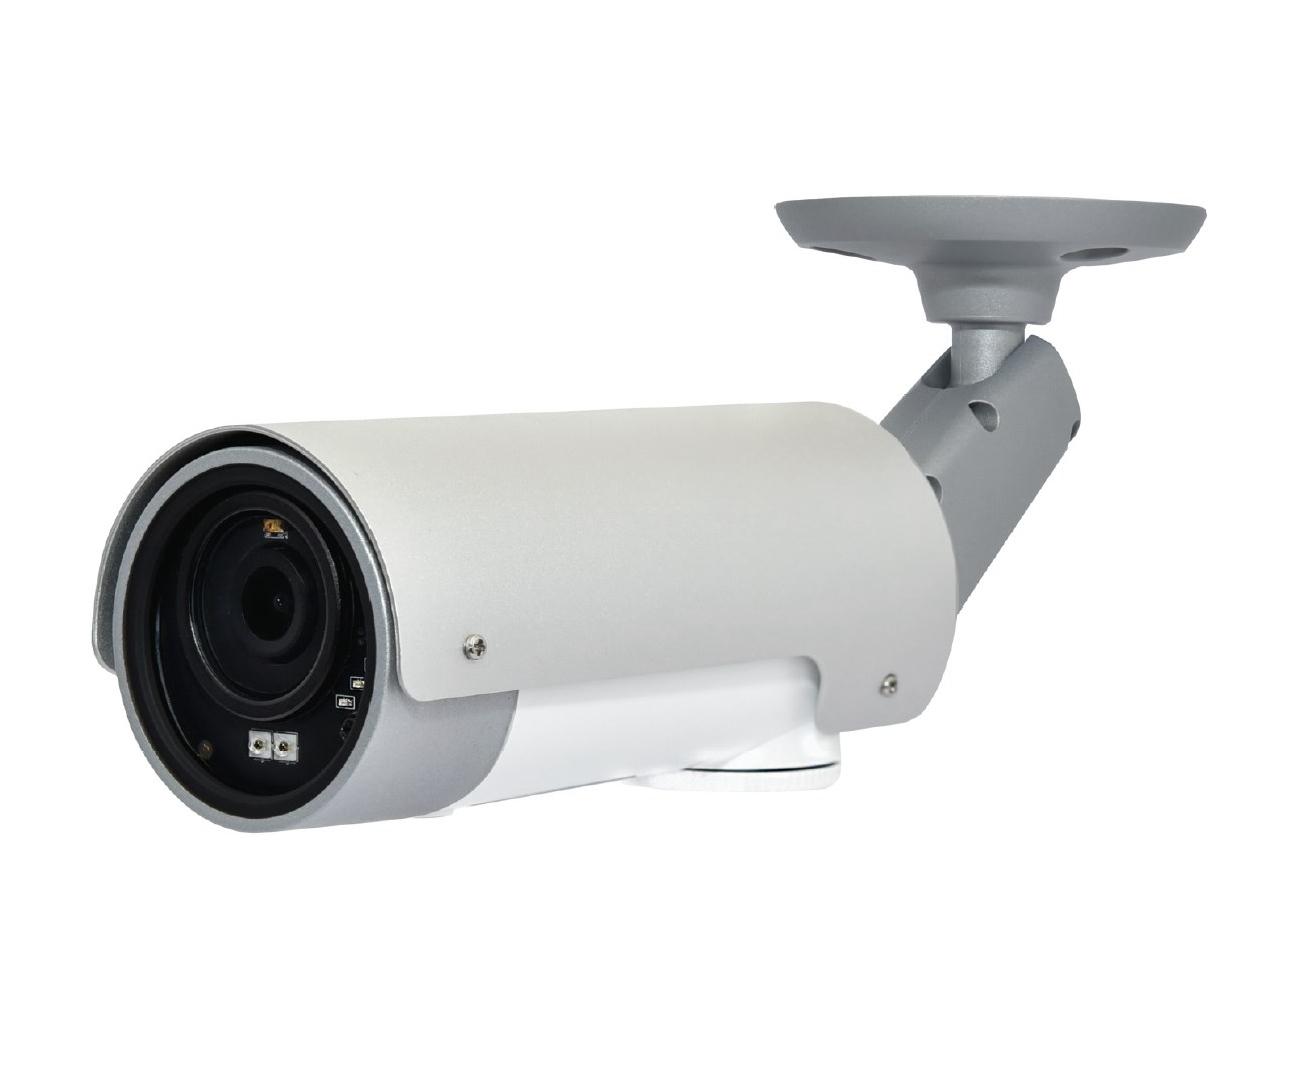 【送料無料・税込み】PF-CS724 防犯カメラ 監視 IP カメラ ネットワーク SD録画 スマホ 操作 屋内外 バレット型 200万画素 PF-CS 724 PF-CS714